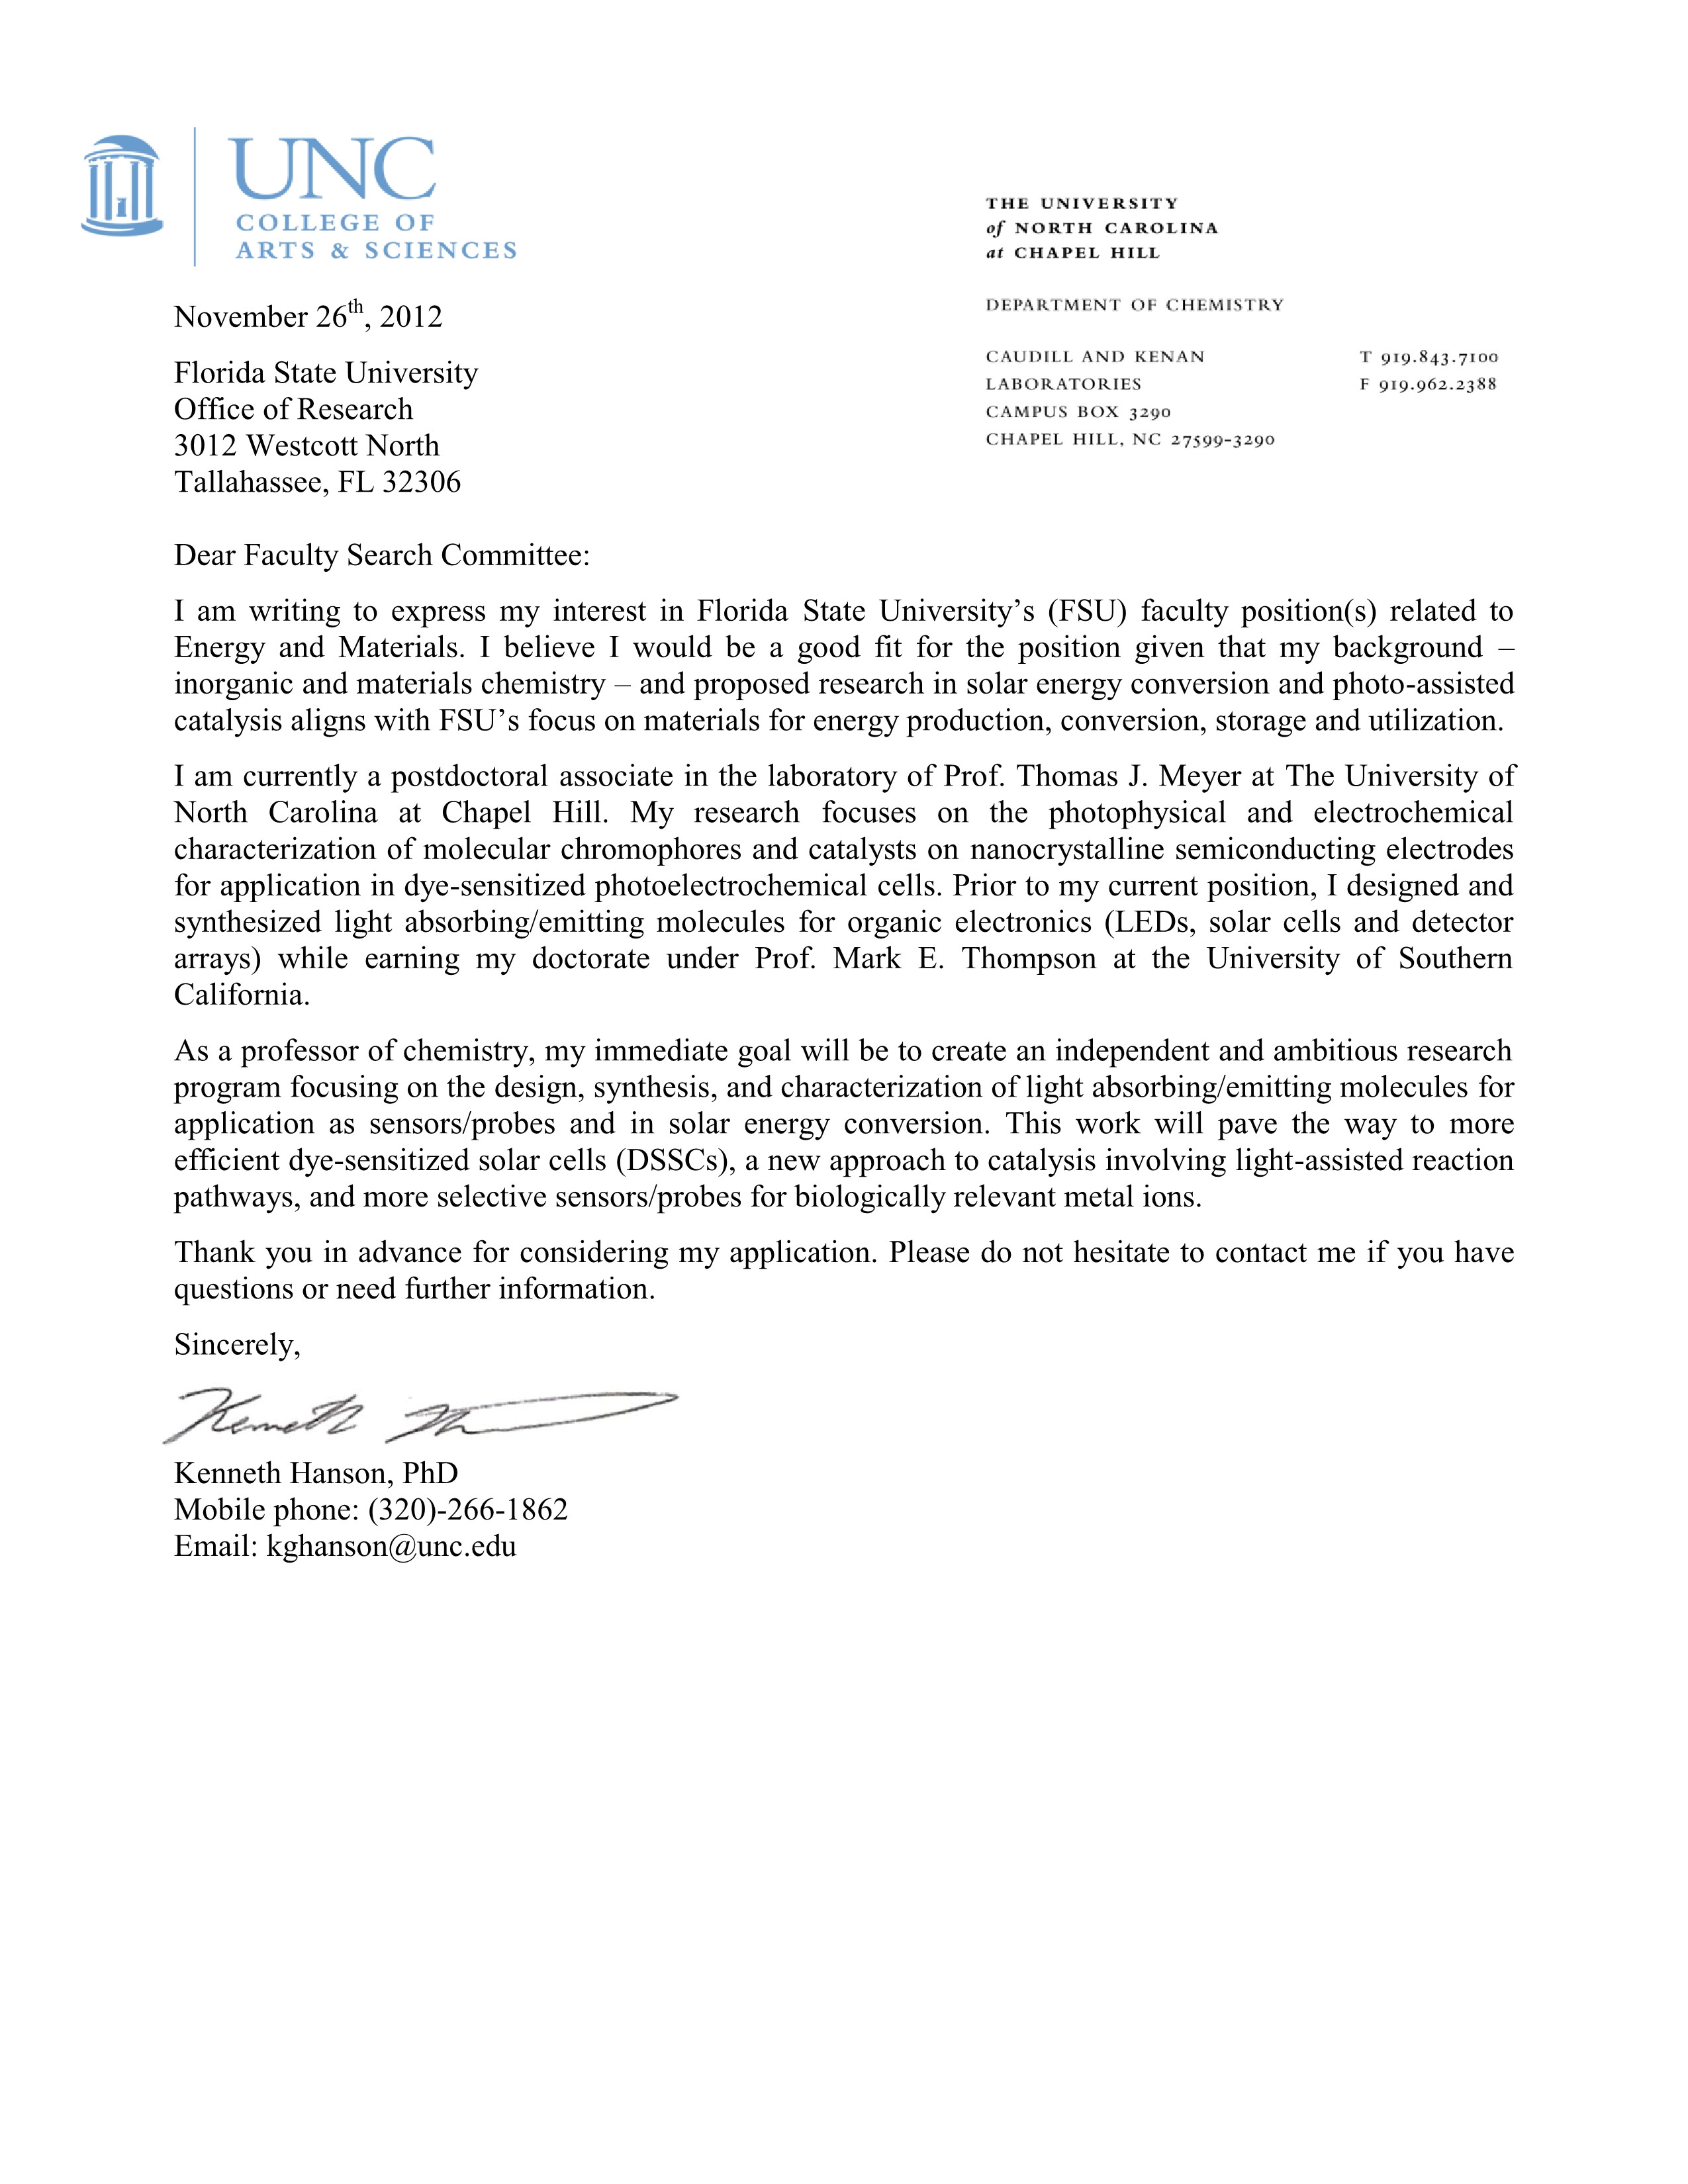 university job application cover letter